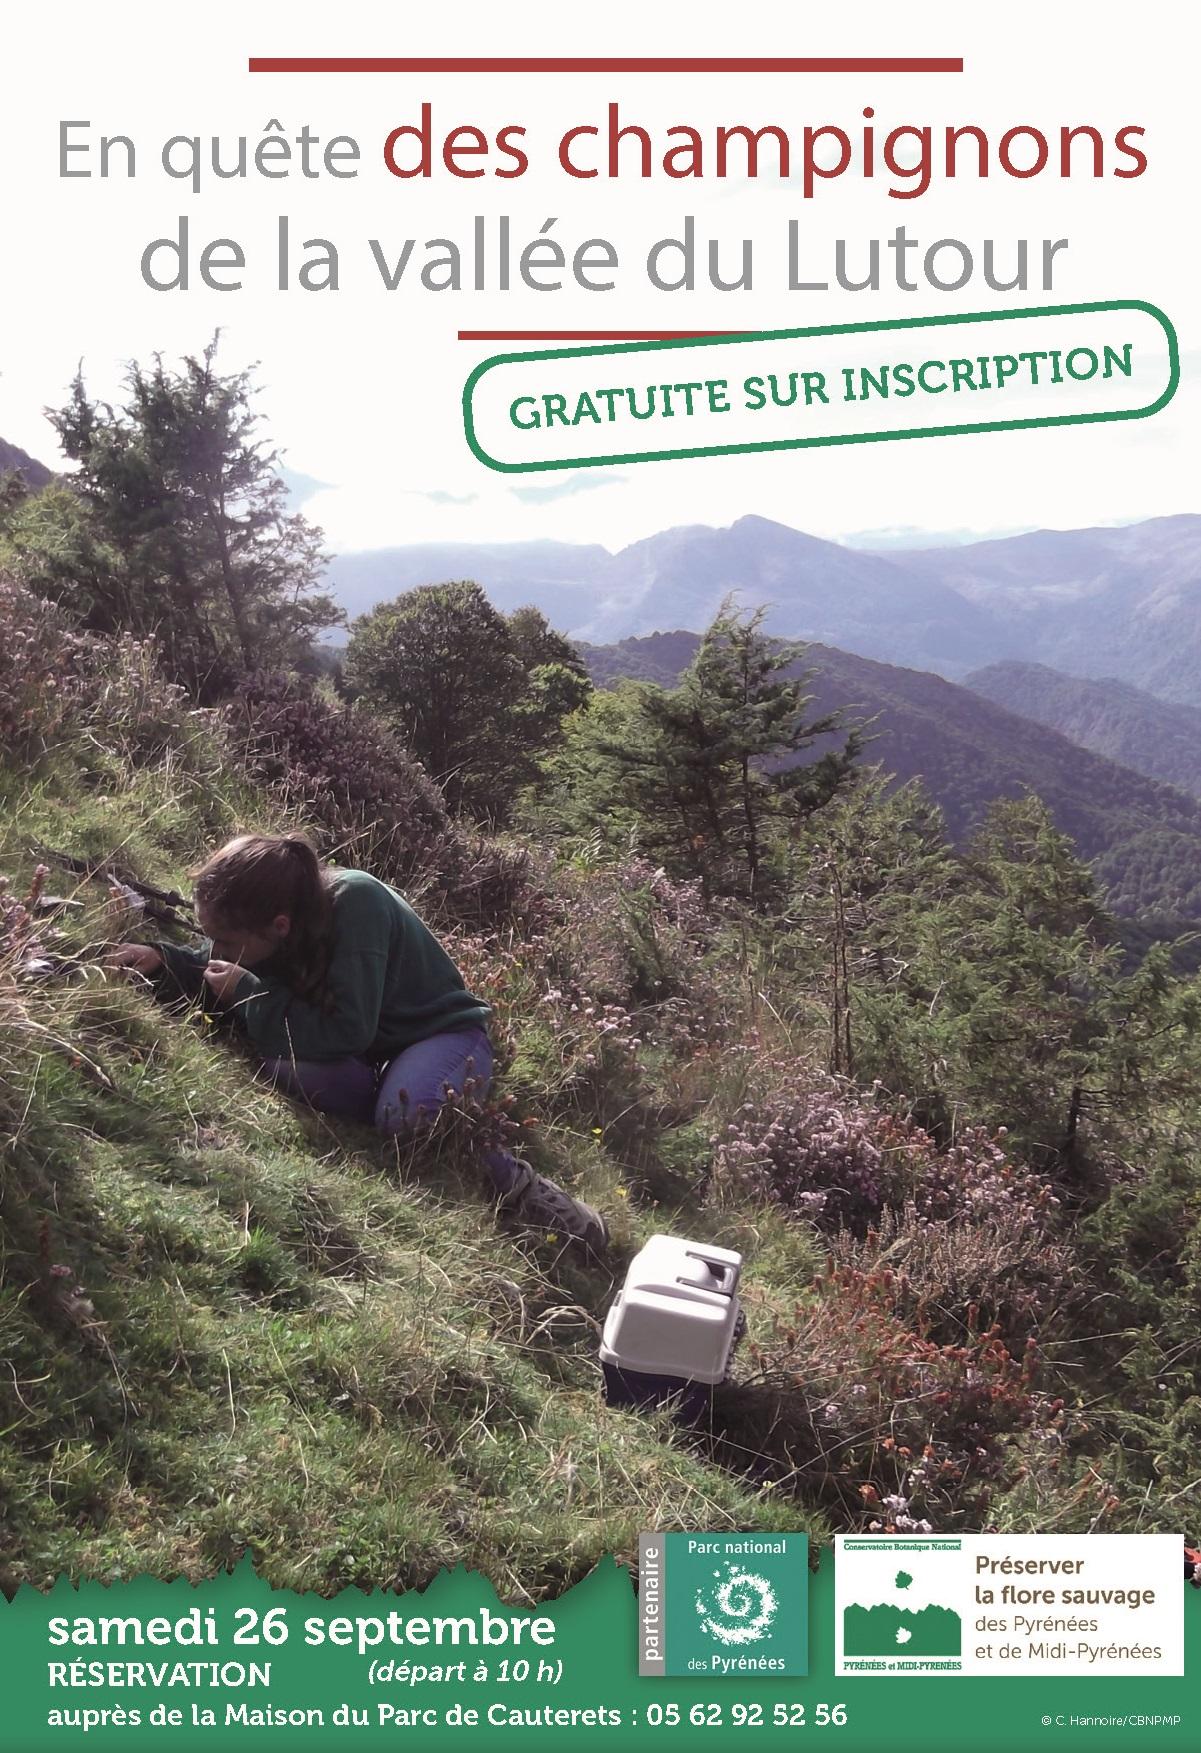 En quête des champignons de la vallée du Lutour © Conservatoire Botanique Pyrénées et Midi-Pyrénées